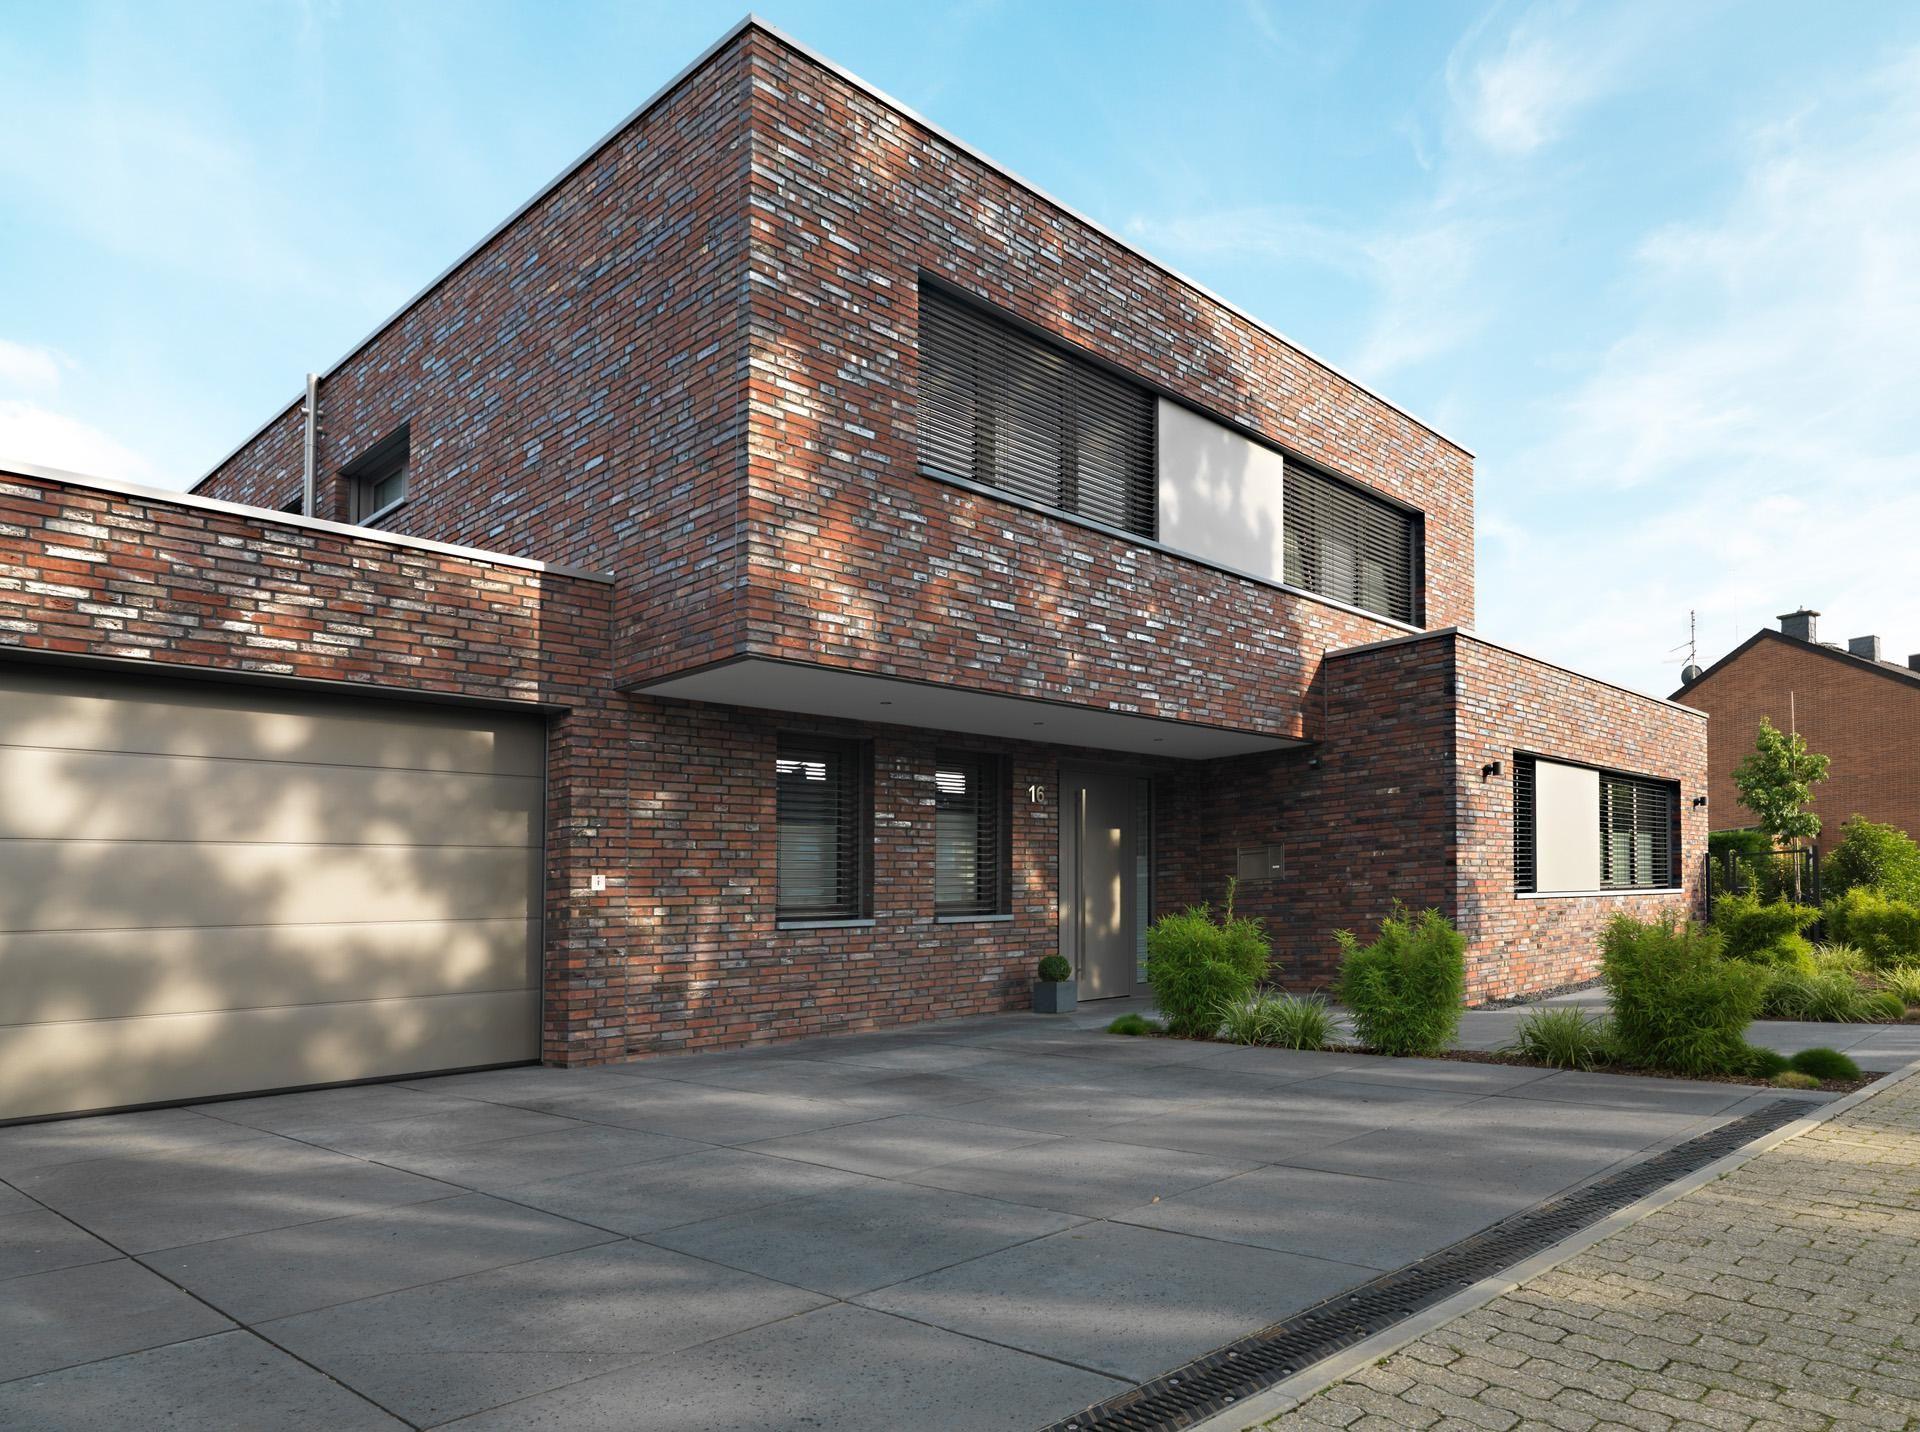 Moderne wohnarchitektur ein dunkler ringofenklinker mit besonderer oberflächenstruktur durch